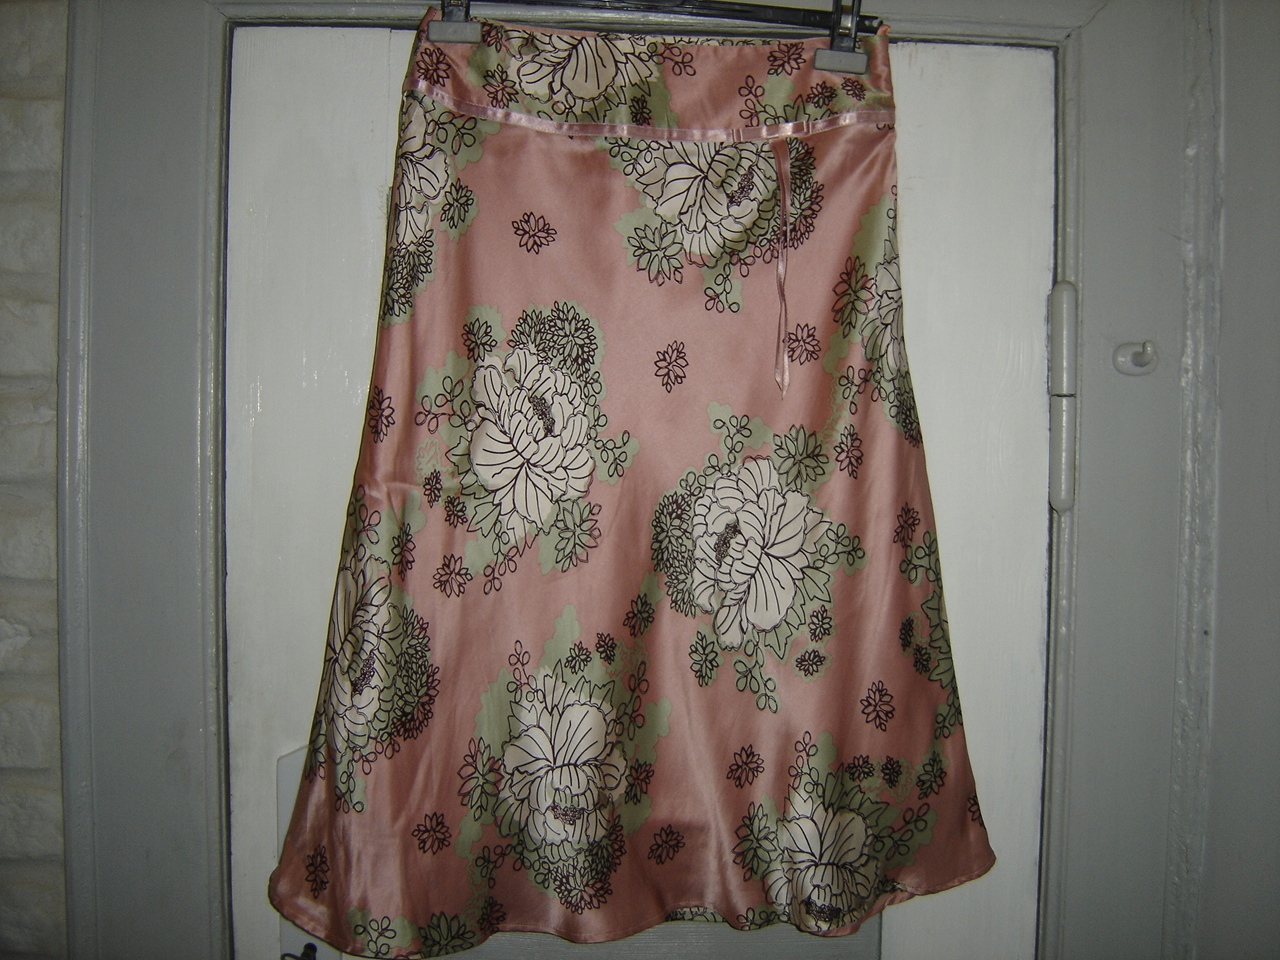 NEXT jedwabna spódnica 100% JEDWAB NOWA? 36